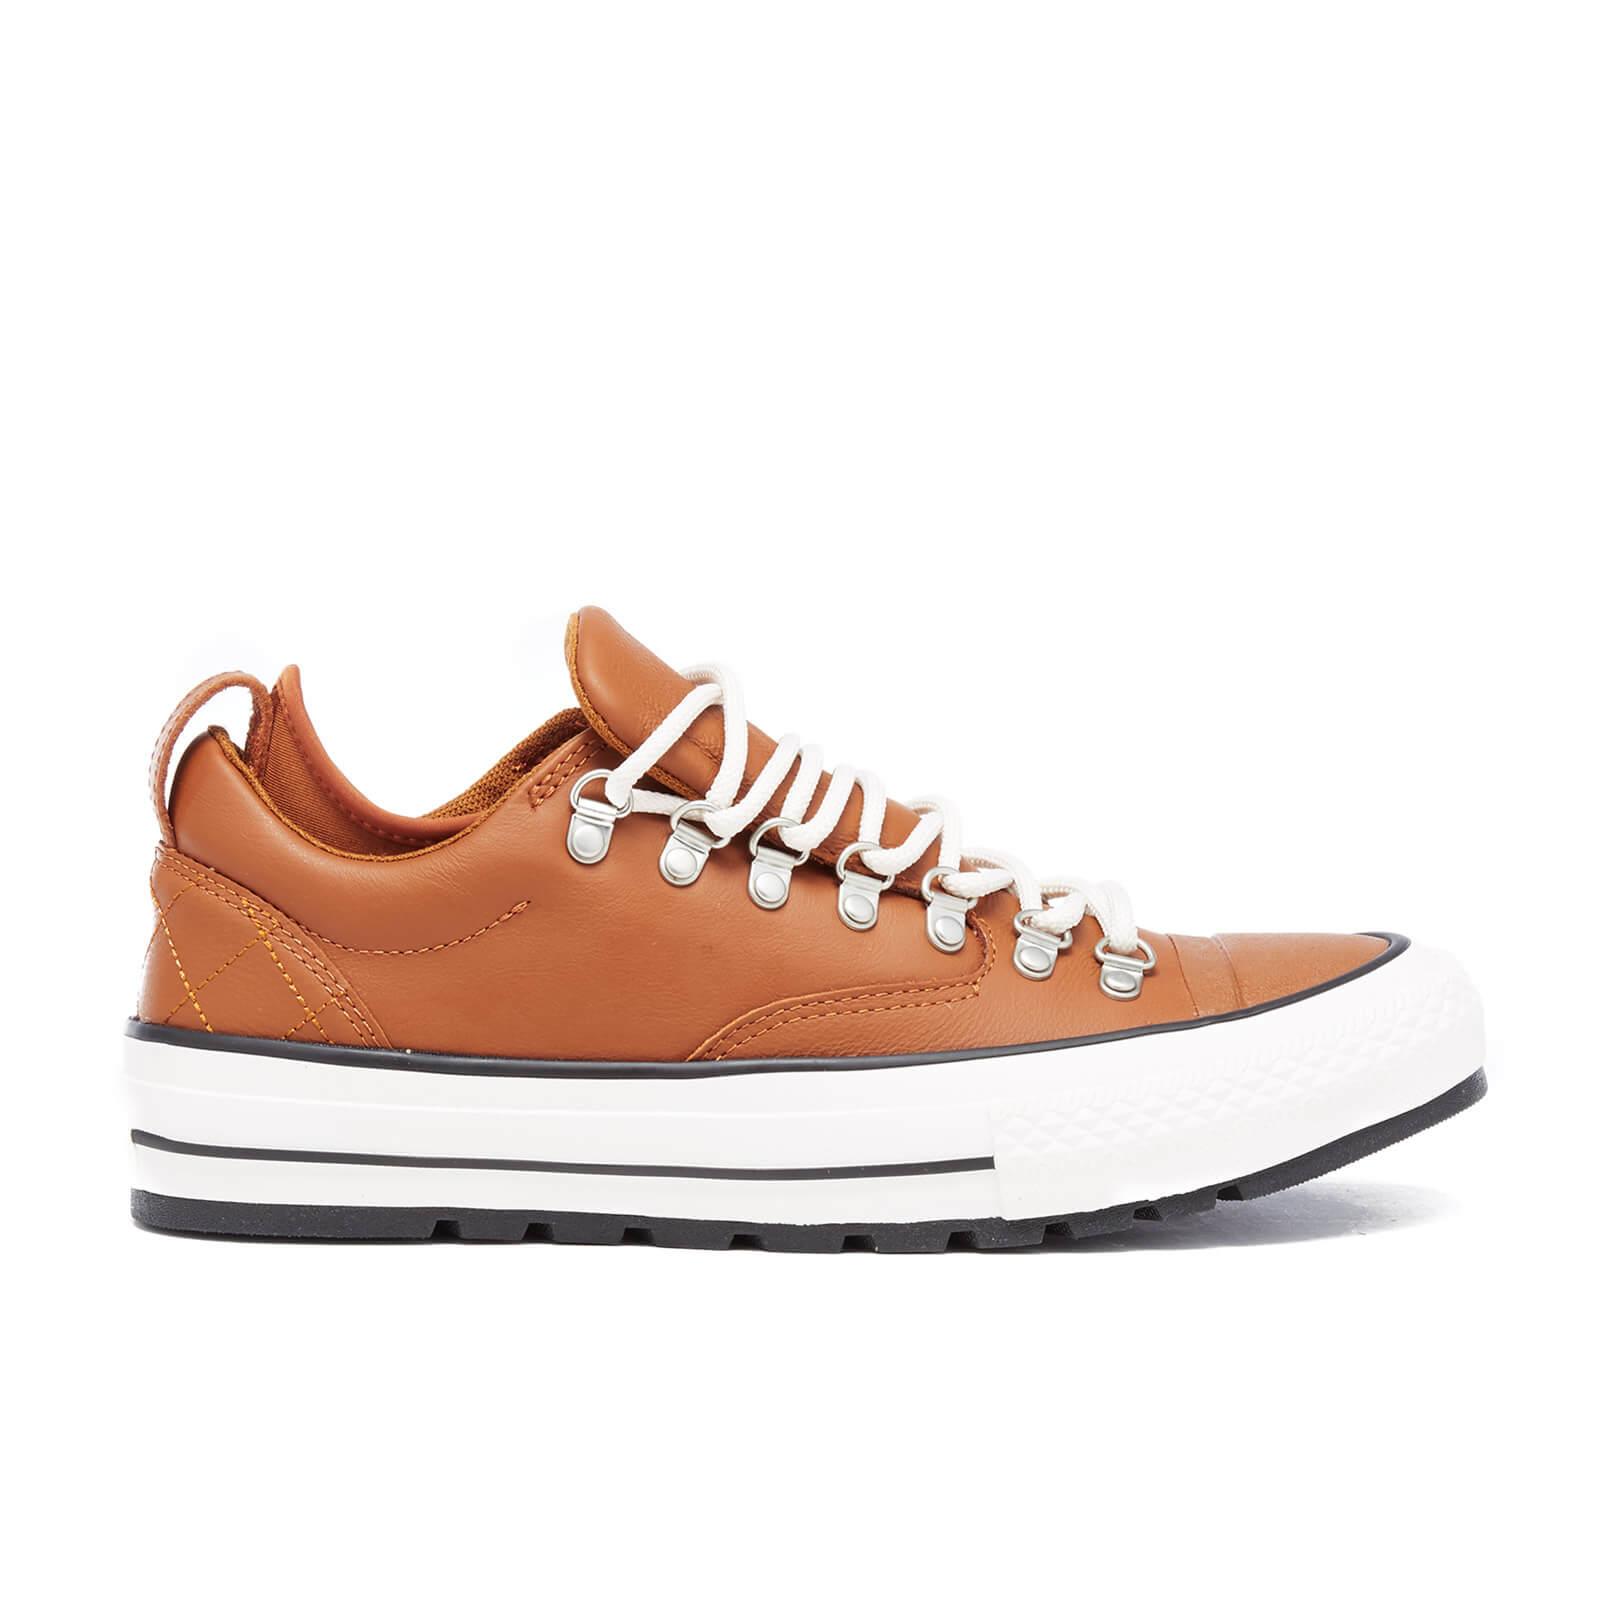 a5baa831f9bf88 Converse Men s Chuck Taylor All Star Descent Hiker Trainers - Antique Sepia  Egret Black Mens Footwear